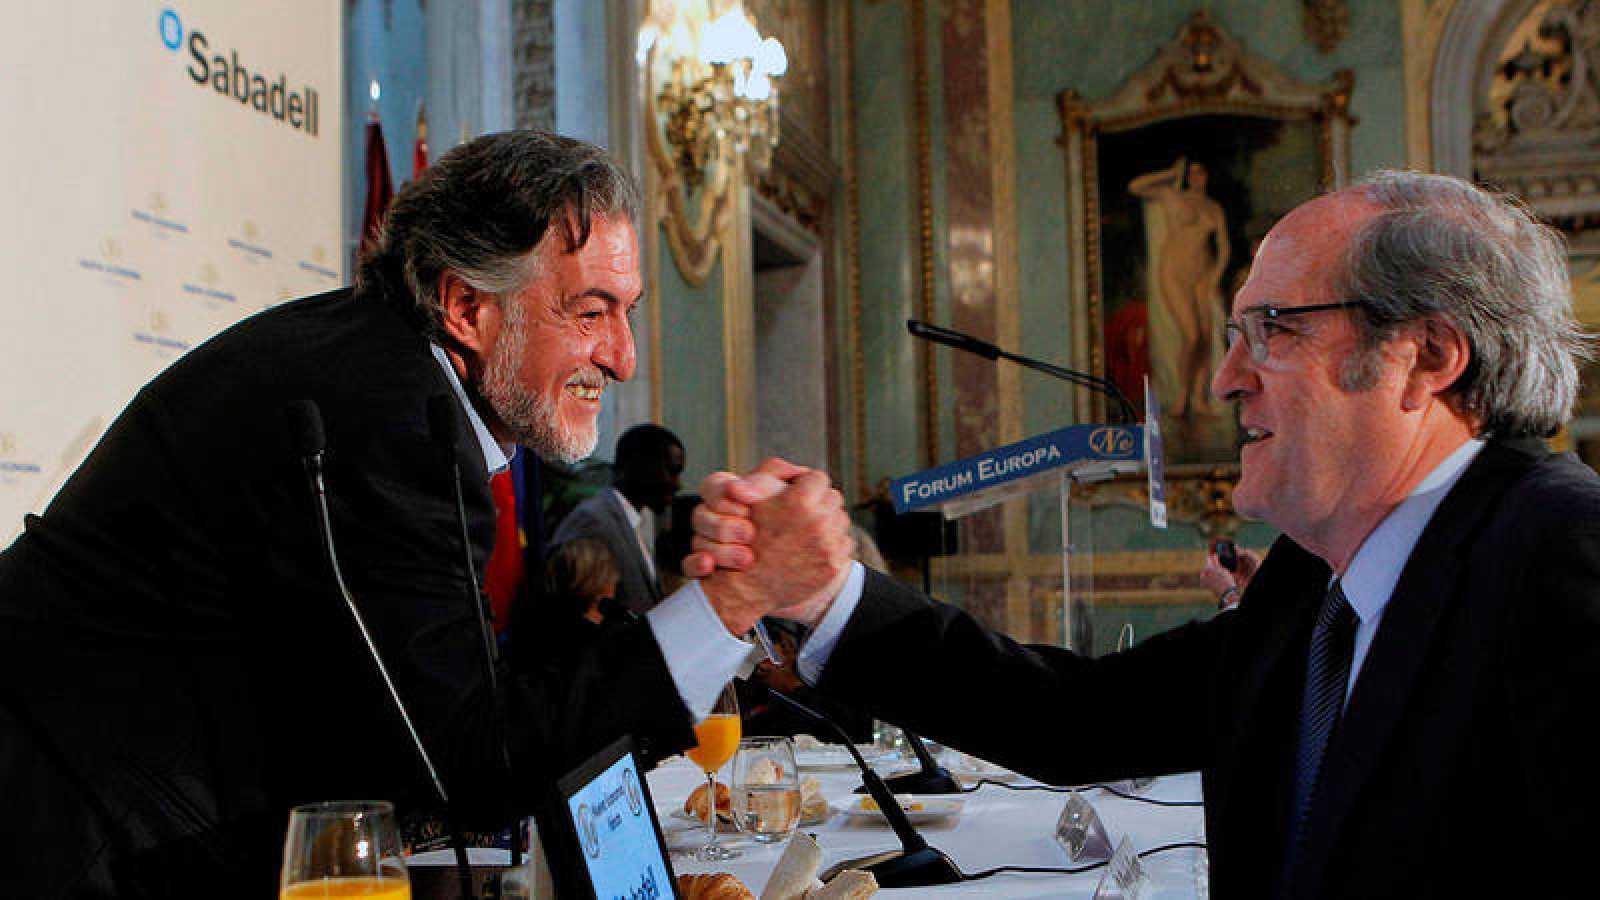 Los candidatos del PSOE al Ayuntamiento y a la Comunidad de Madrid, José Vicente 'Pepu' Hernández y Ángel Gabilondo.